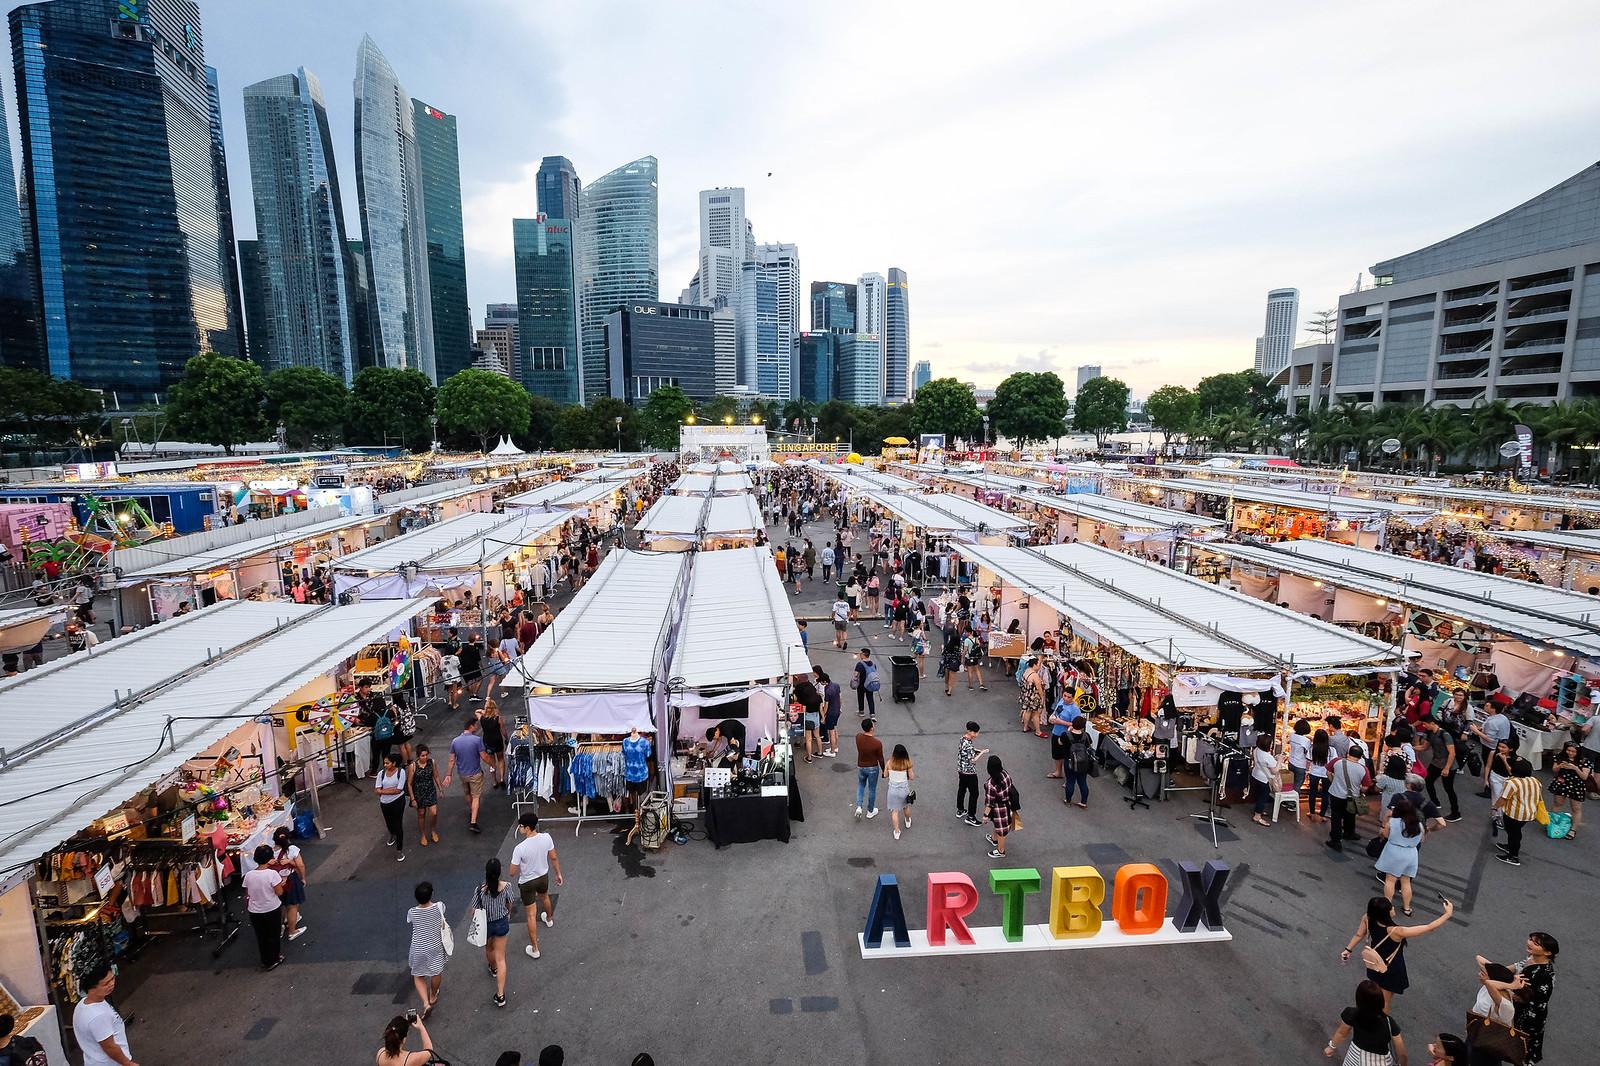 新加坡艺术盒2018 DSCF1454-57